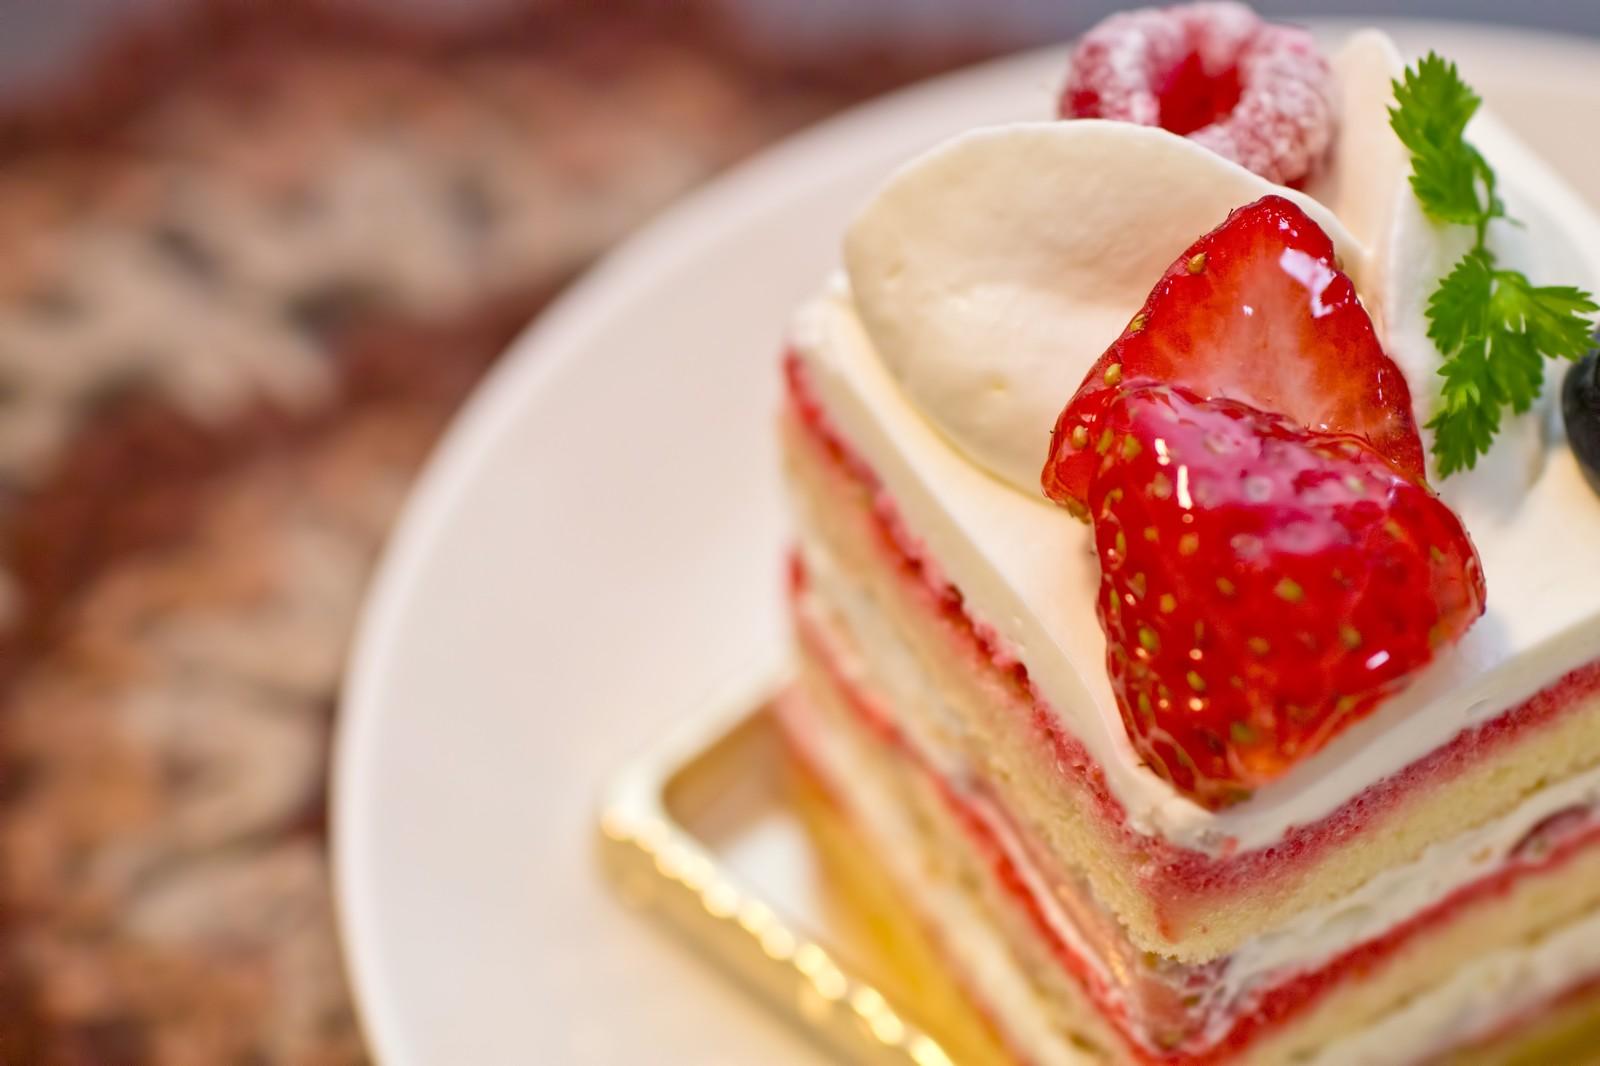 徳島で人気のケーキ屋9選!お土産や記念日におすすめの有名店もご紹介!